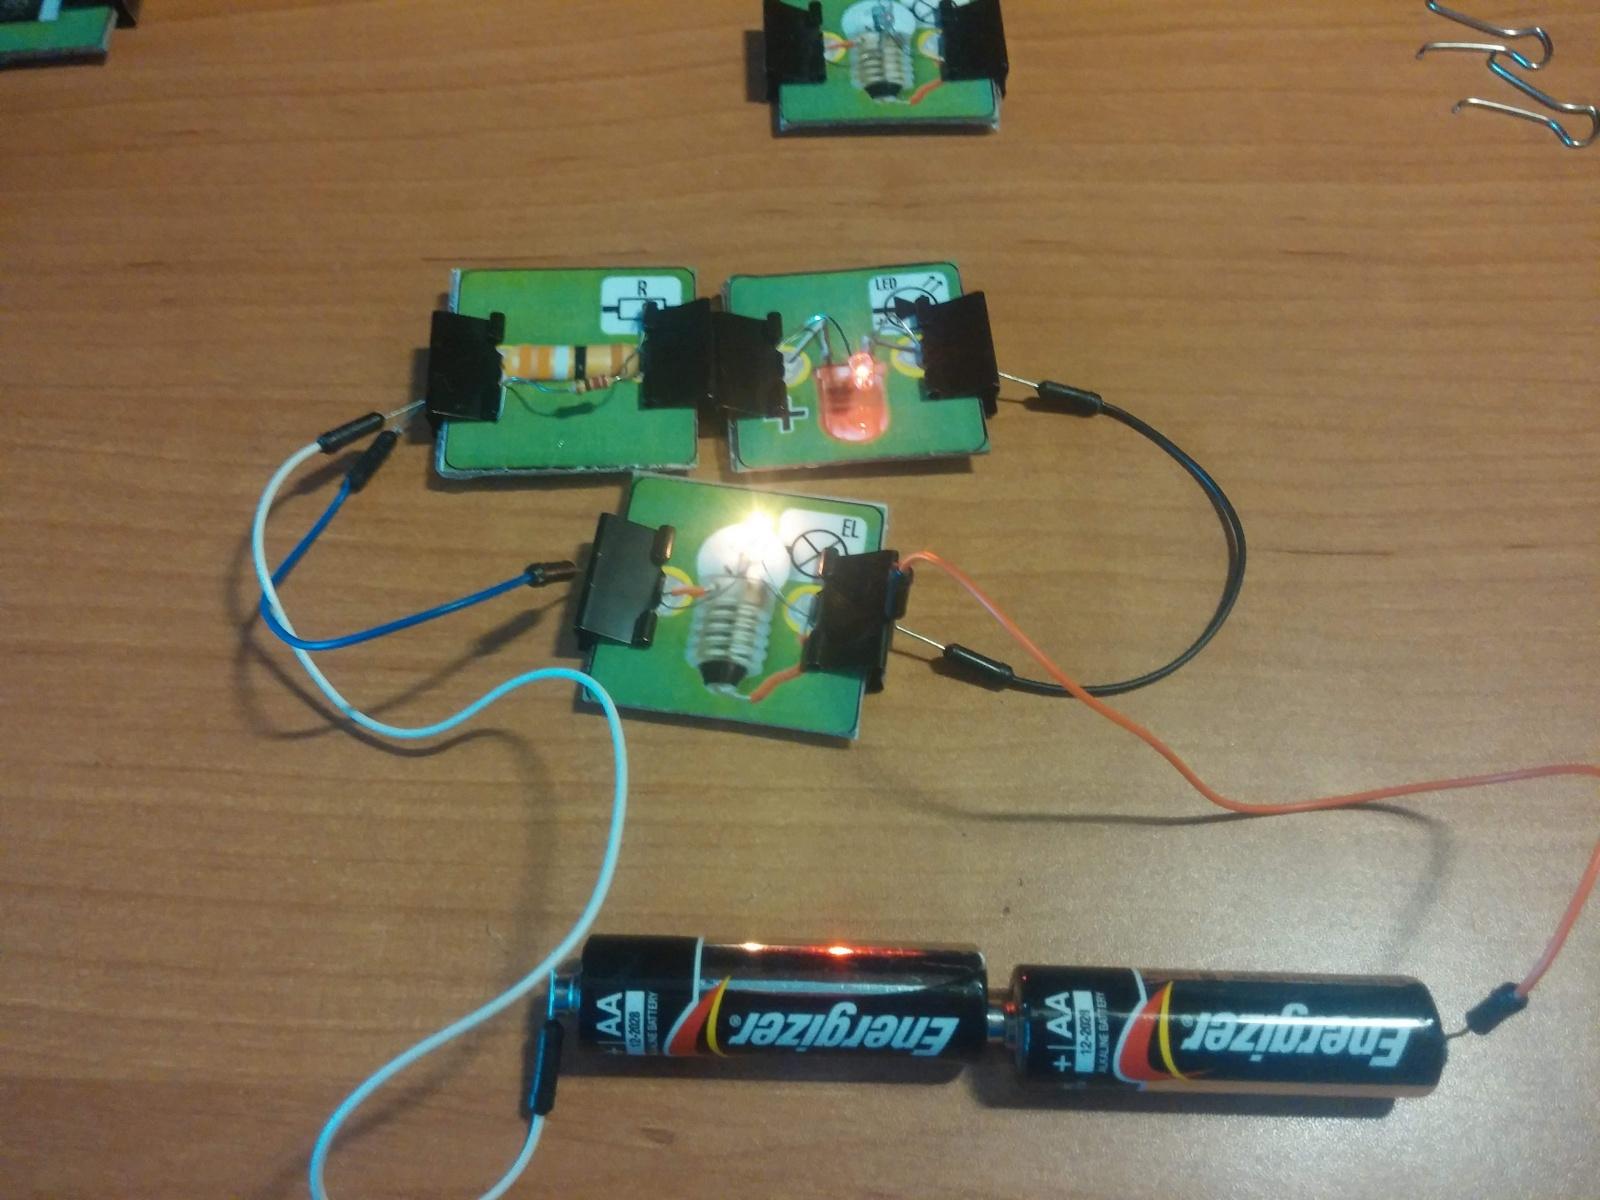 Превращаем картонную электрическую схему в настоящую или как сделать простой конструктор из настольной игры - 13